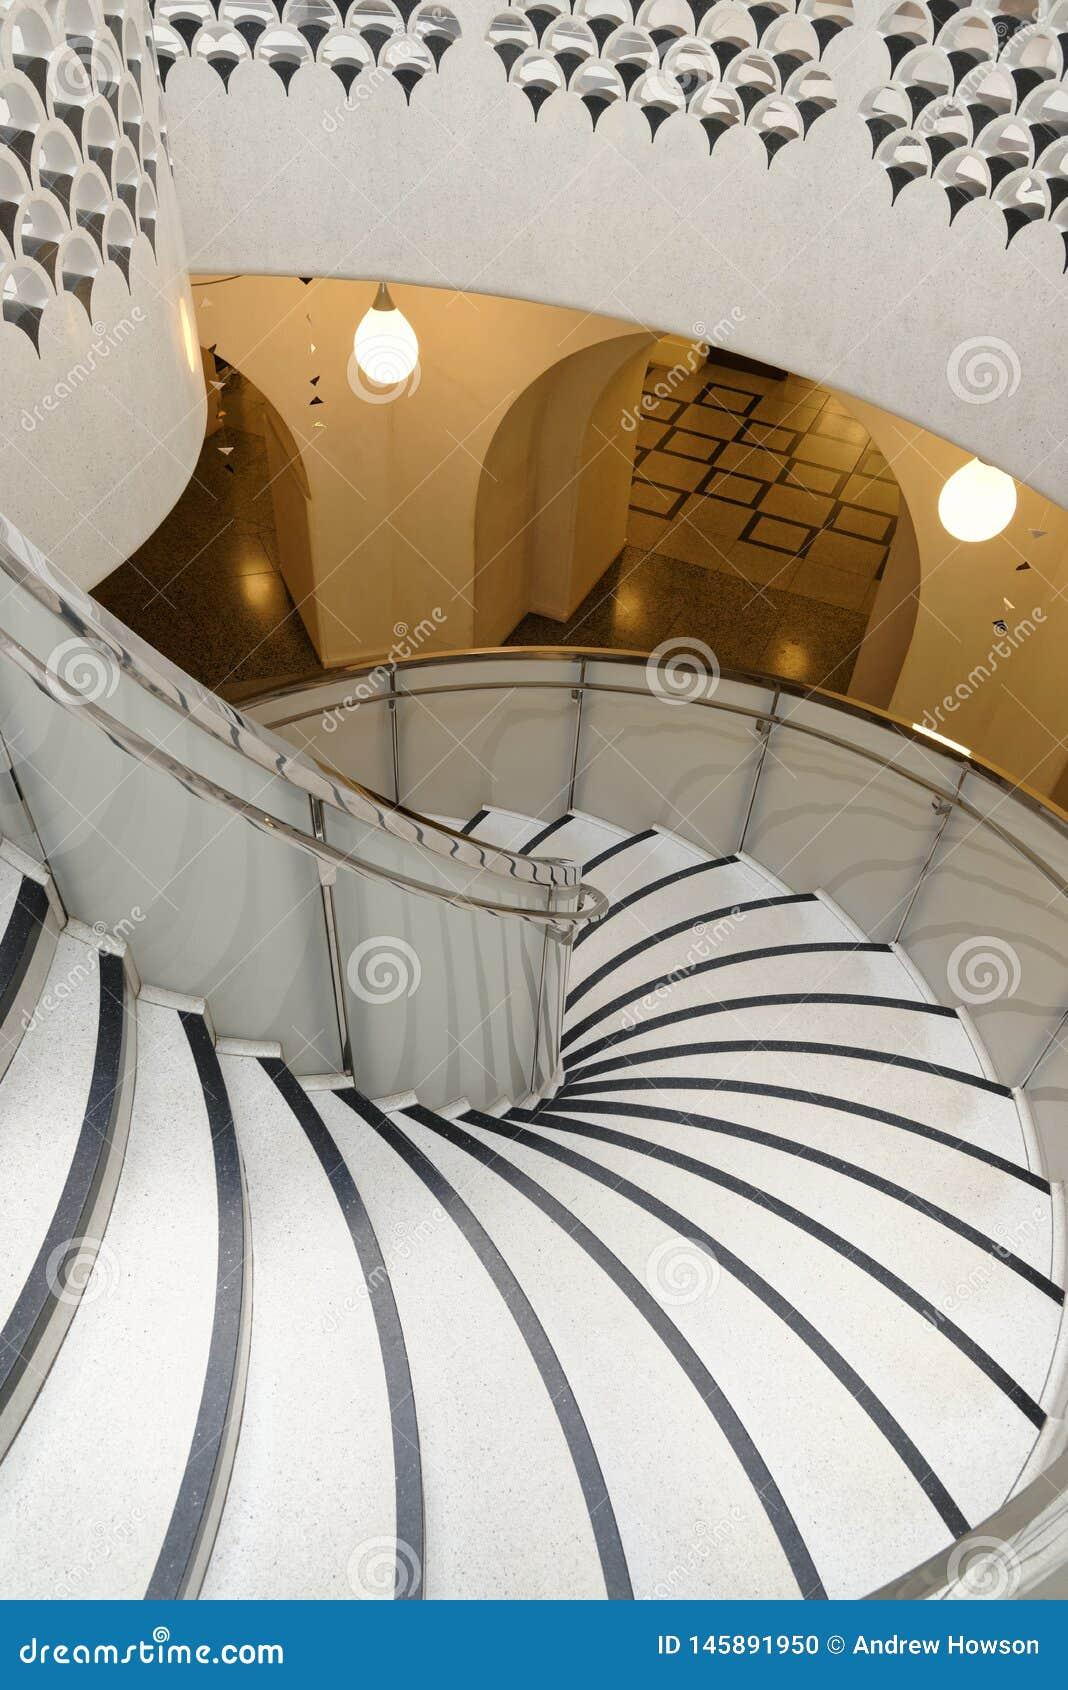 Tate Brytania ?limakowaty schody architektoniczny tupocze klasyczne filar?w